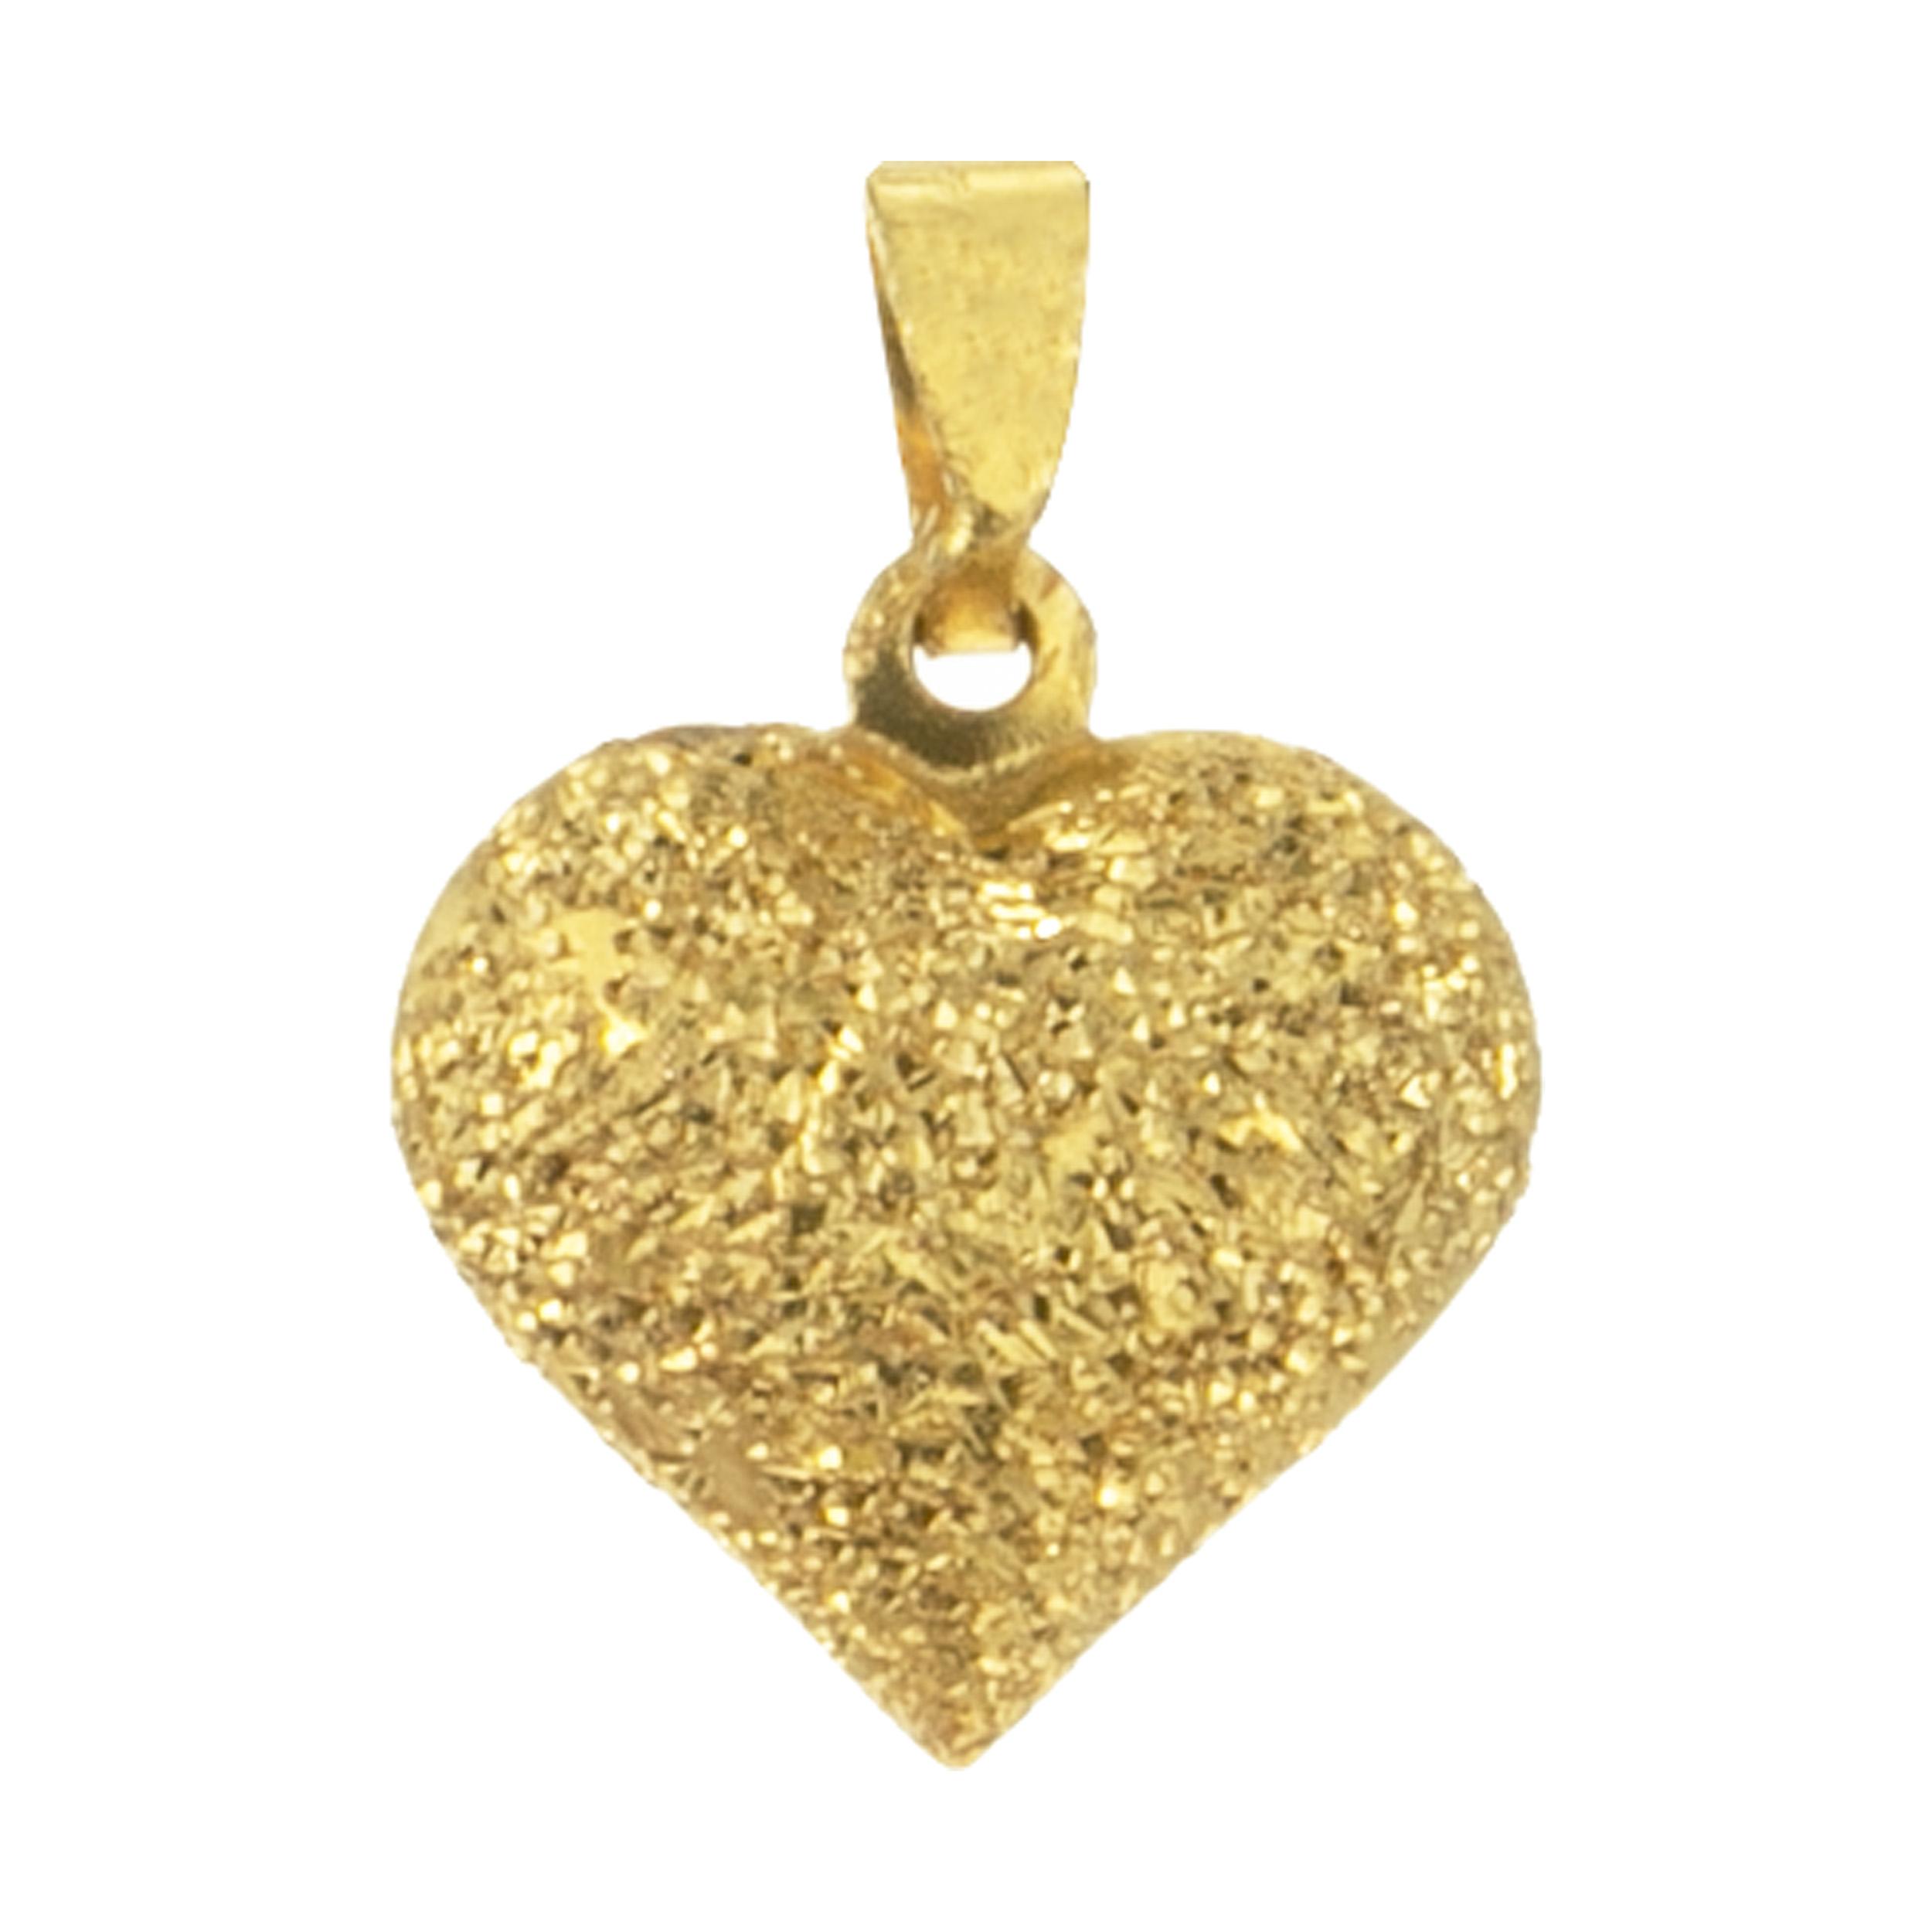 آویز گردنبند طلا 18 عیار زنانه مدل قلب کد MD-004